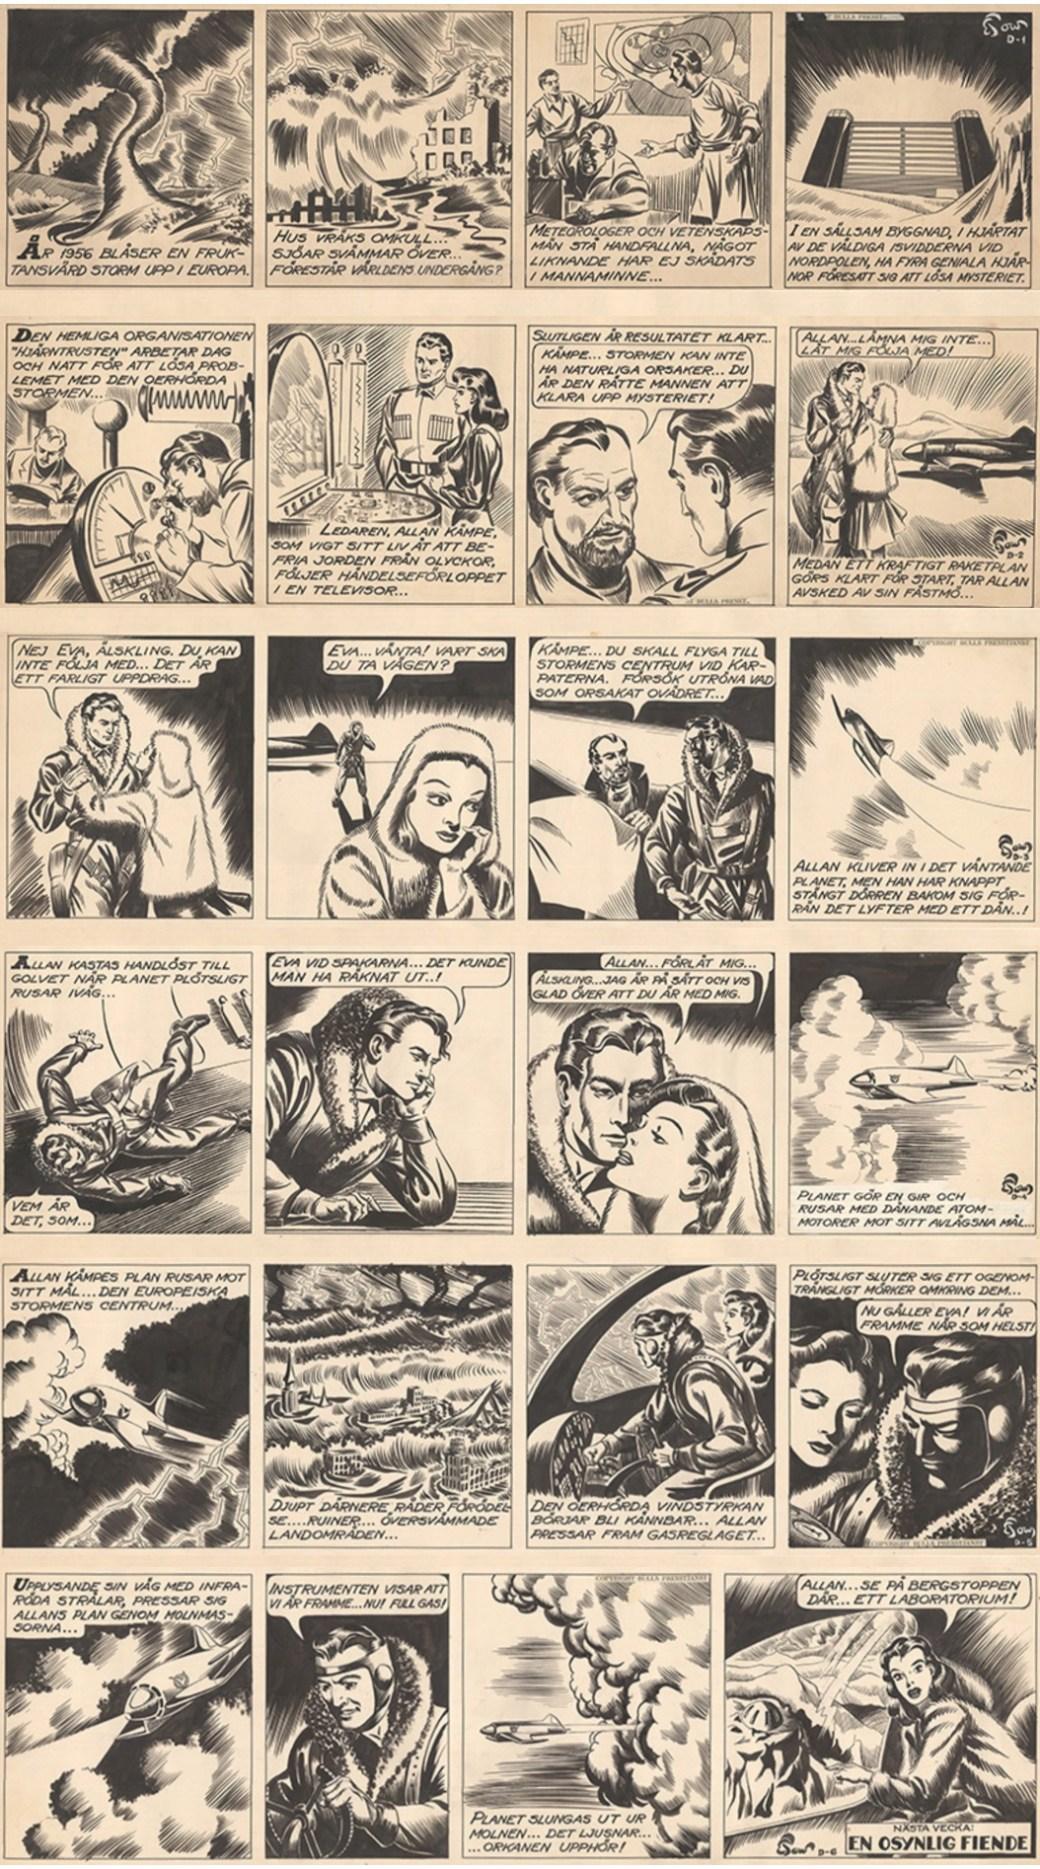 Serien som dagsstripp började 1945 med ett äventyr, Den artificiella orkanen, som utspelade sig i den då avlägsna framtiden 1956